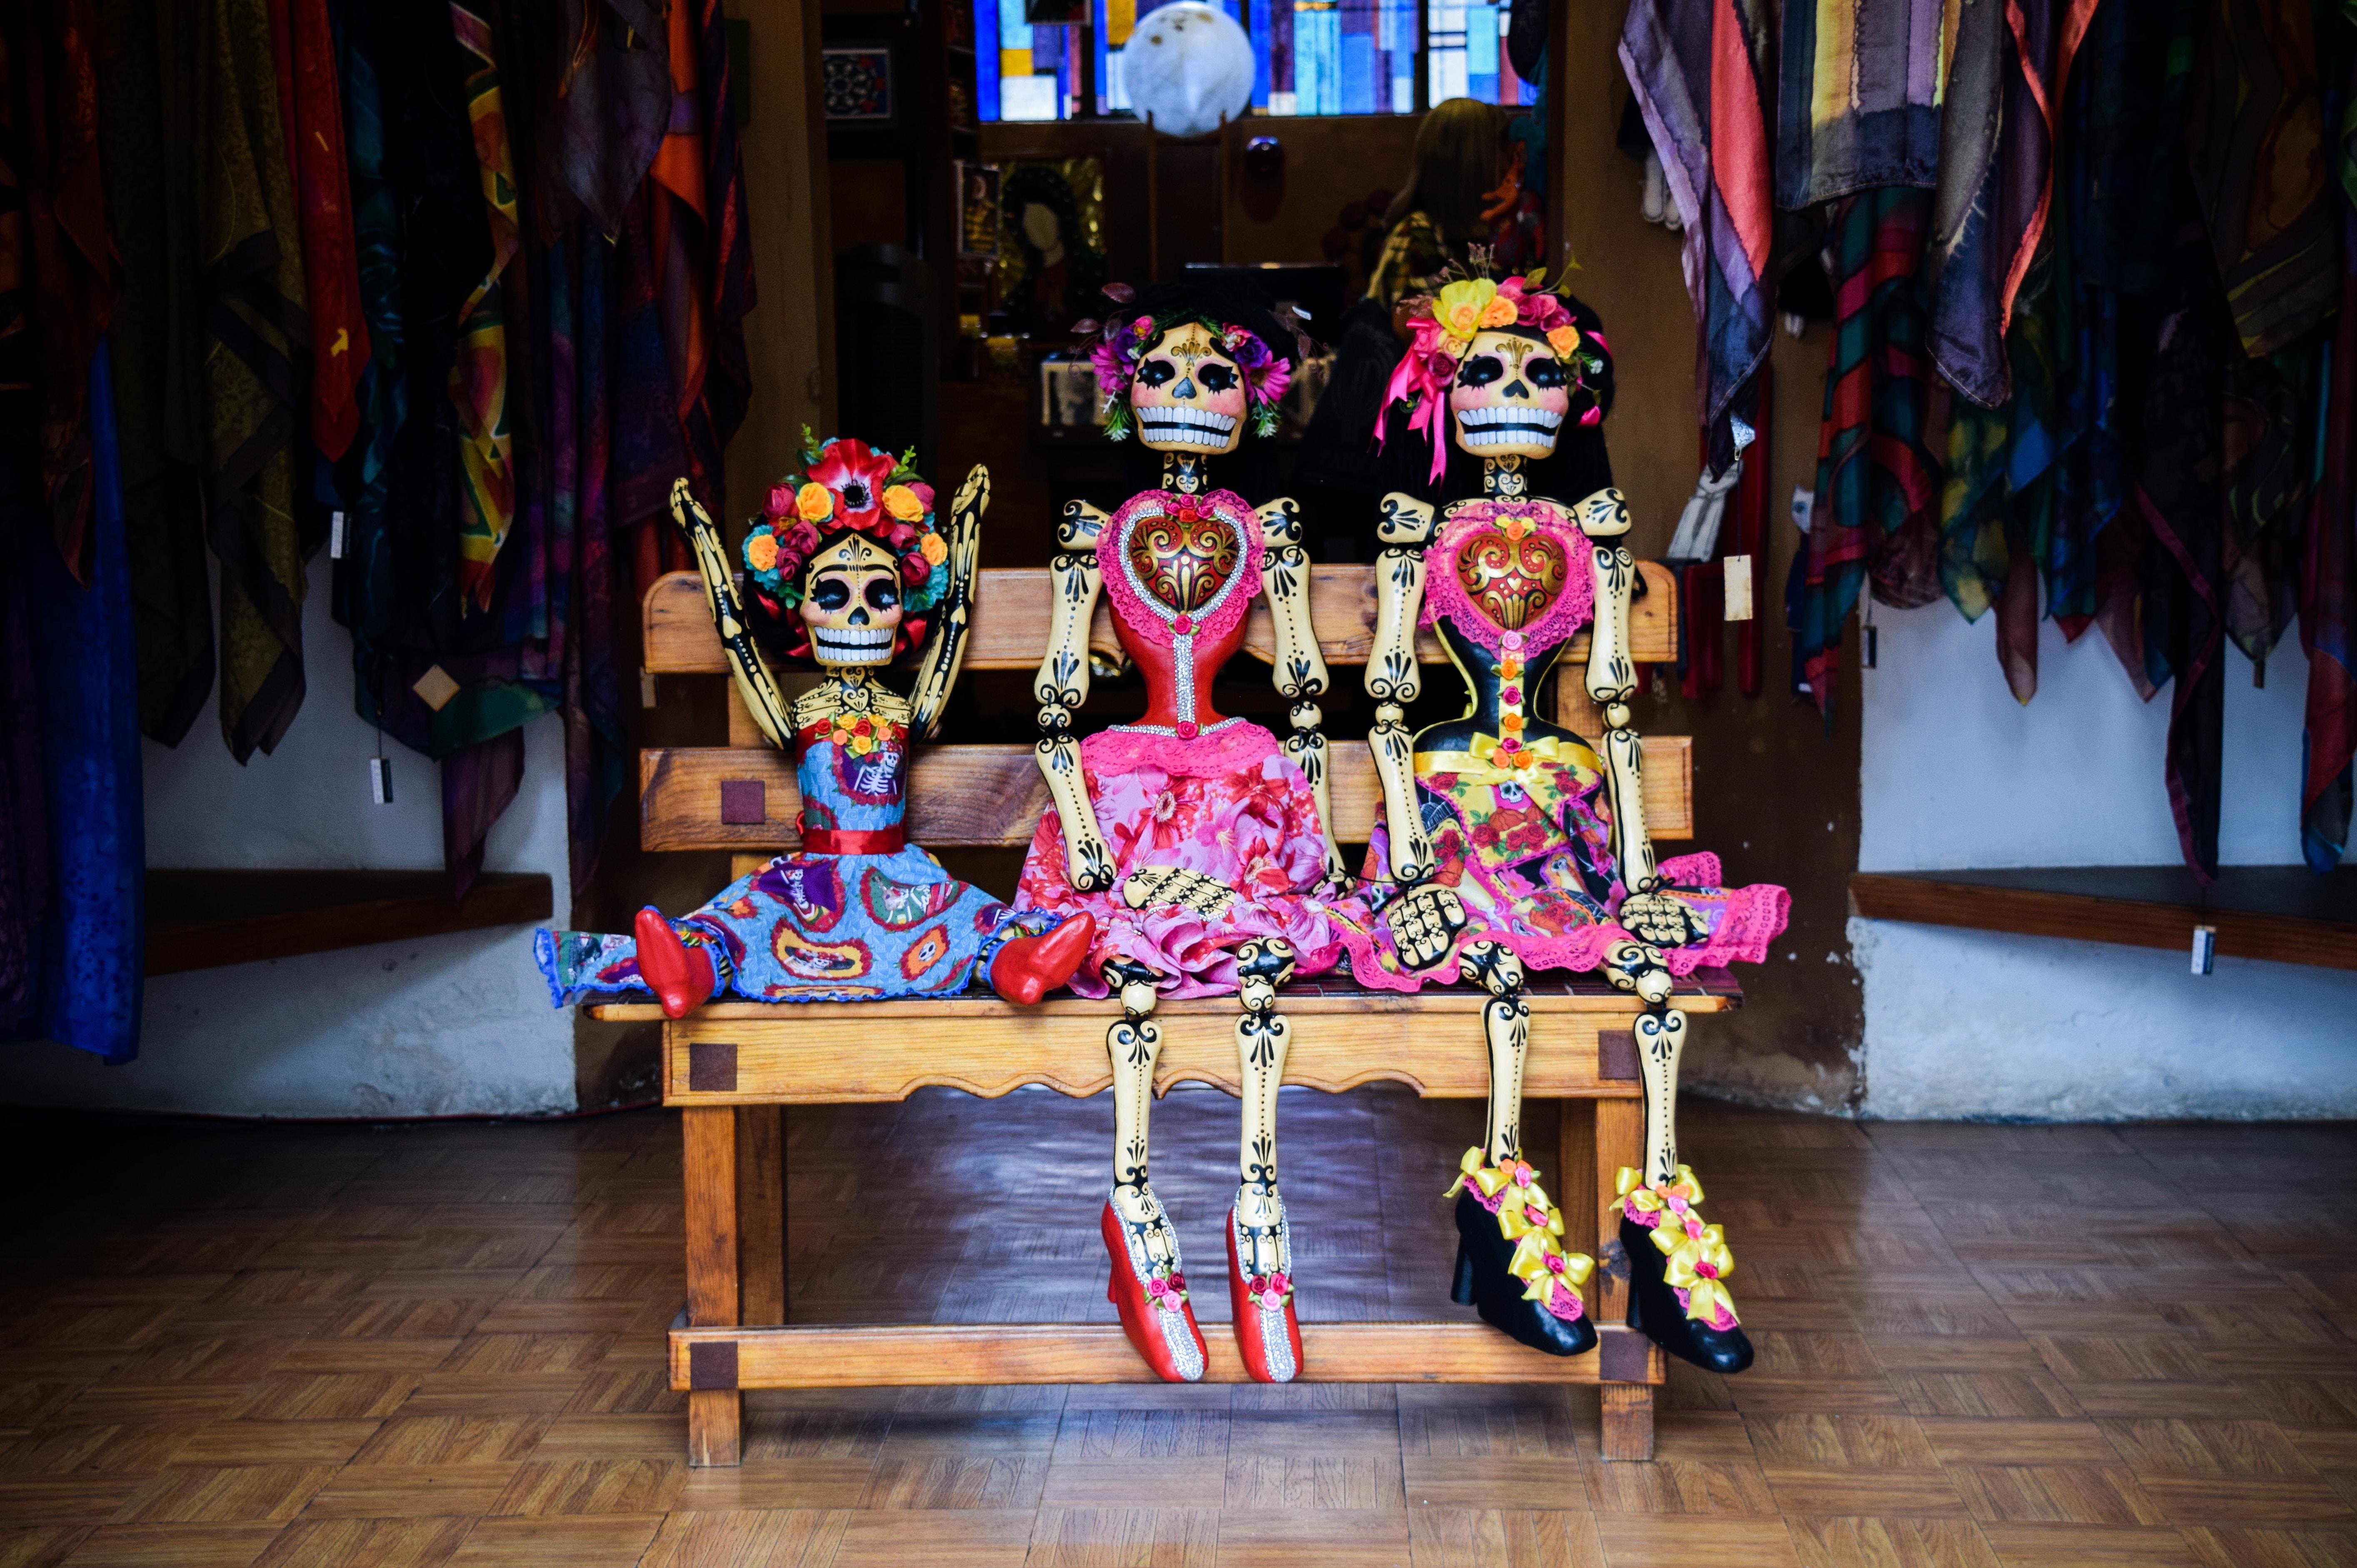 three Frida Kahlo skeleton dolls sitting on bench